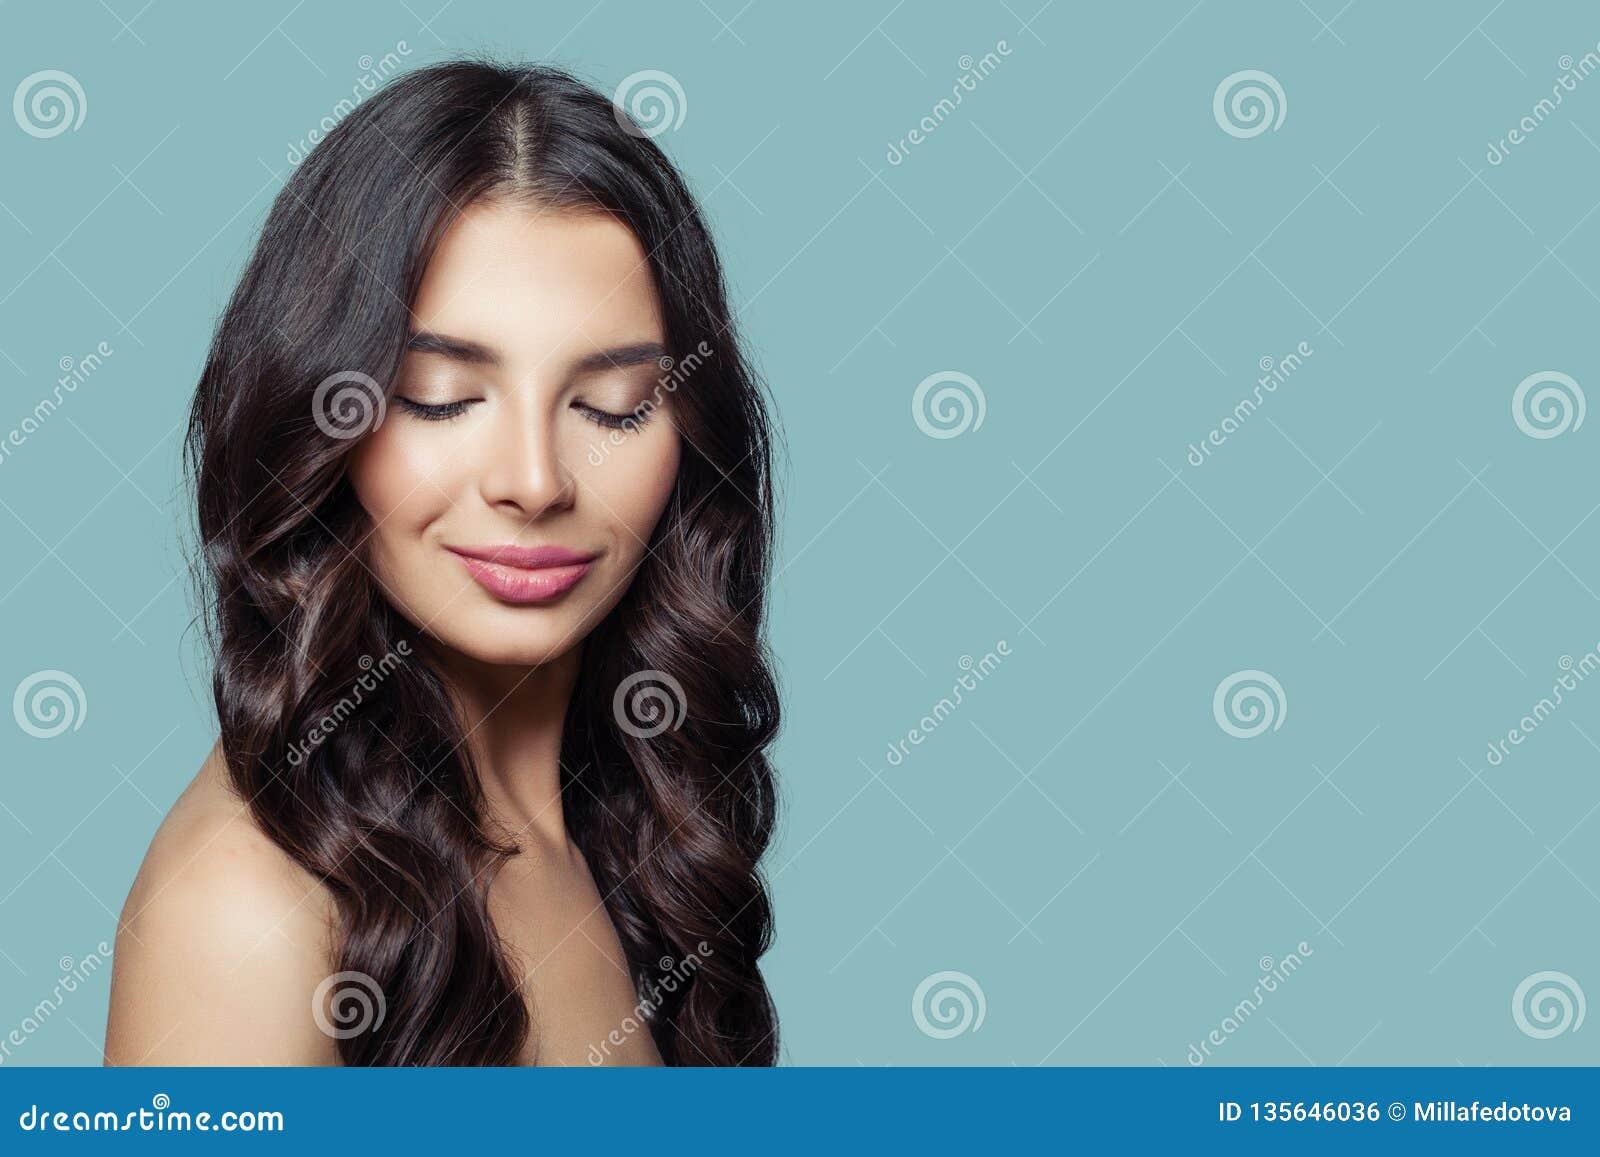 Молодая милая женщина с длинными здоровыми волосами и естественный макияж на голубой предпосылке